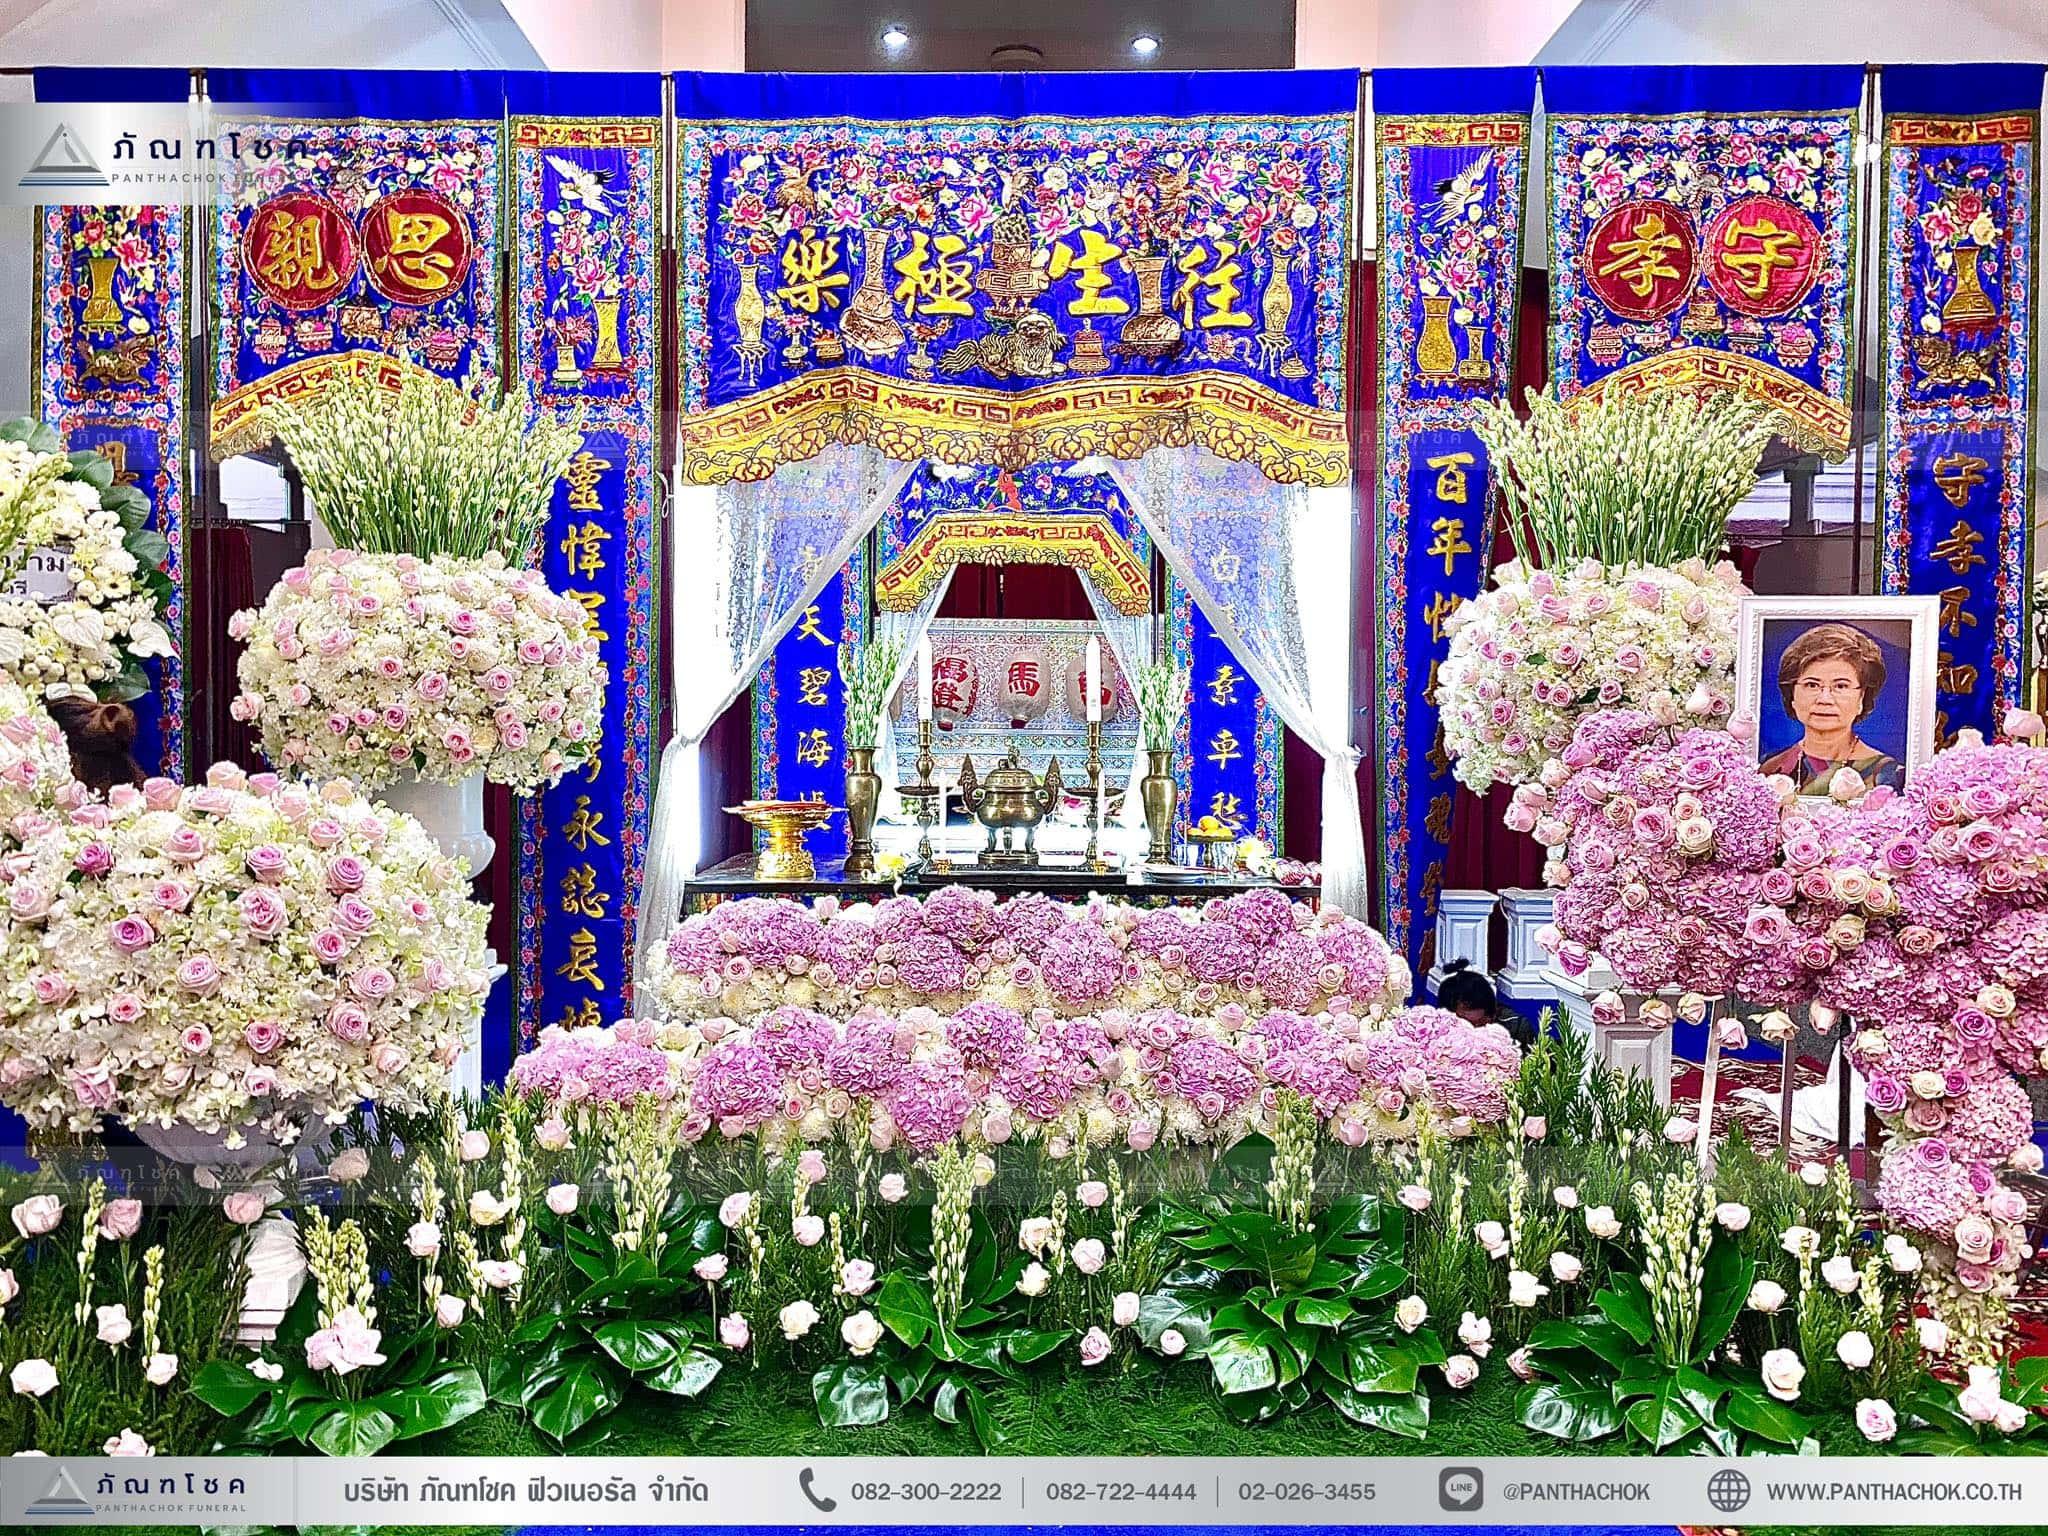 ดอกไม้สีขาวชมพูประดับหน้าหีบศพ จัดงานศพราชบุรี